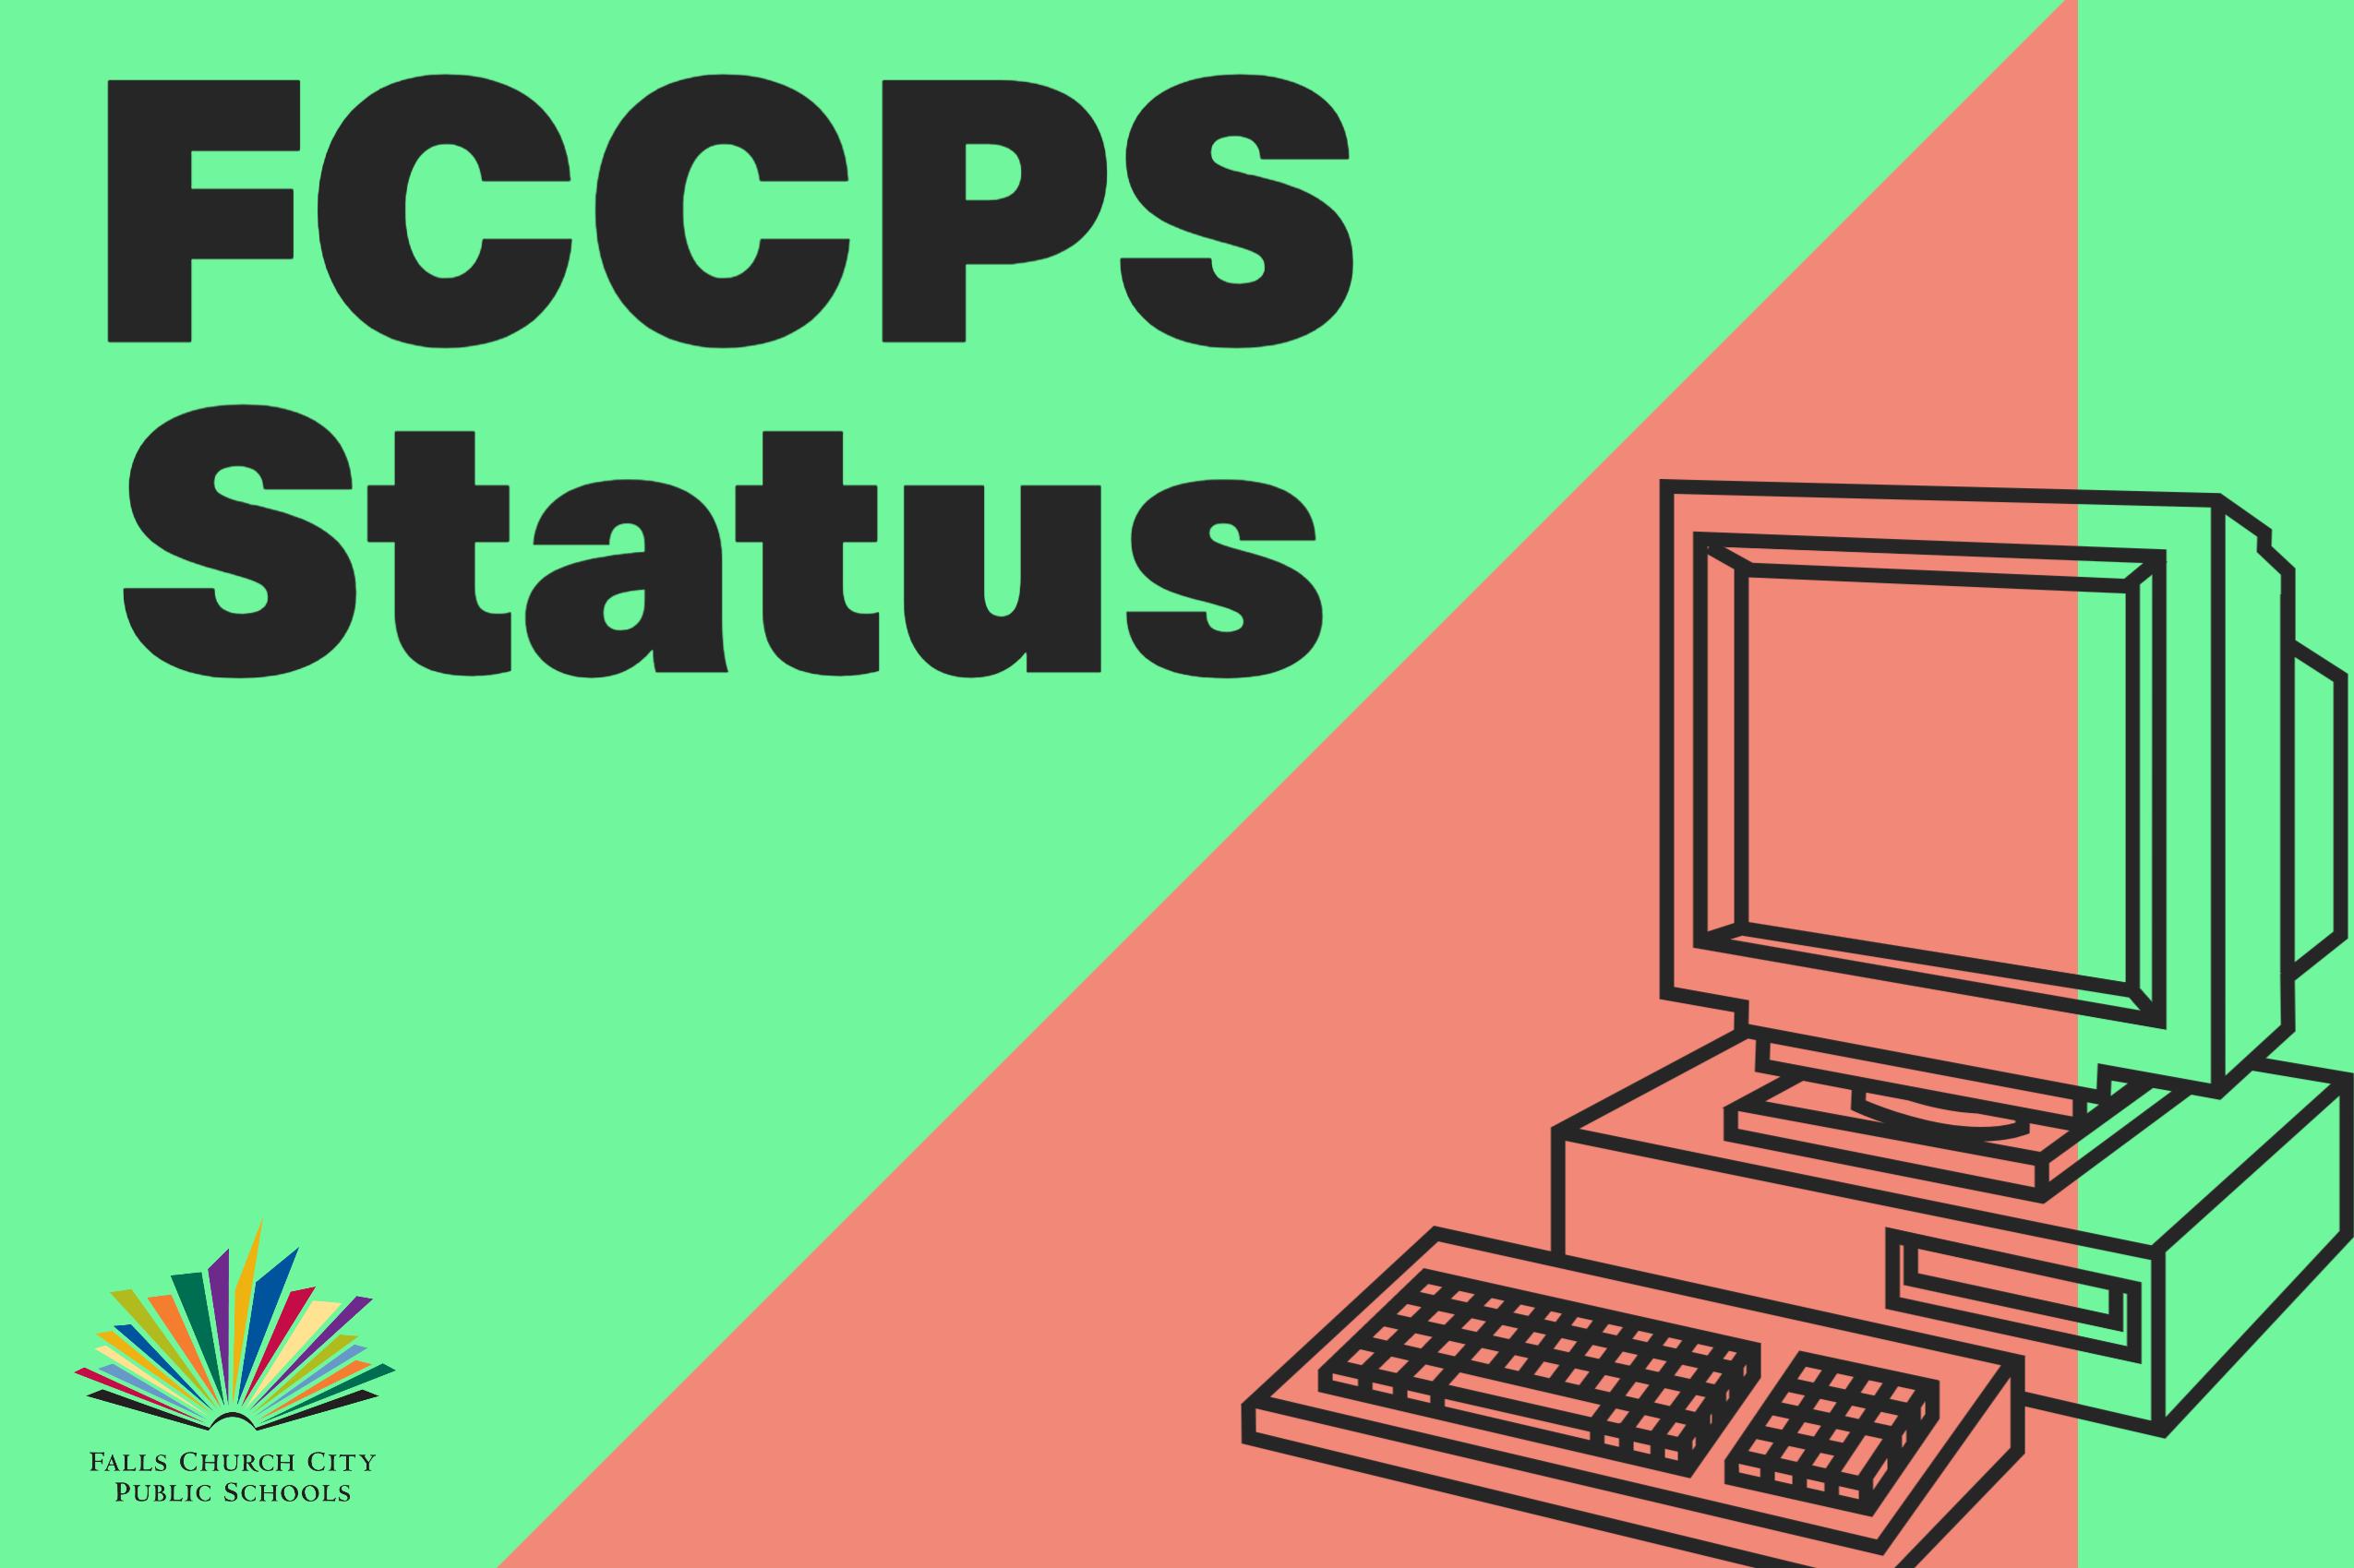 FCCPS Status